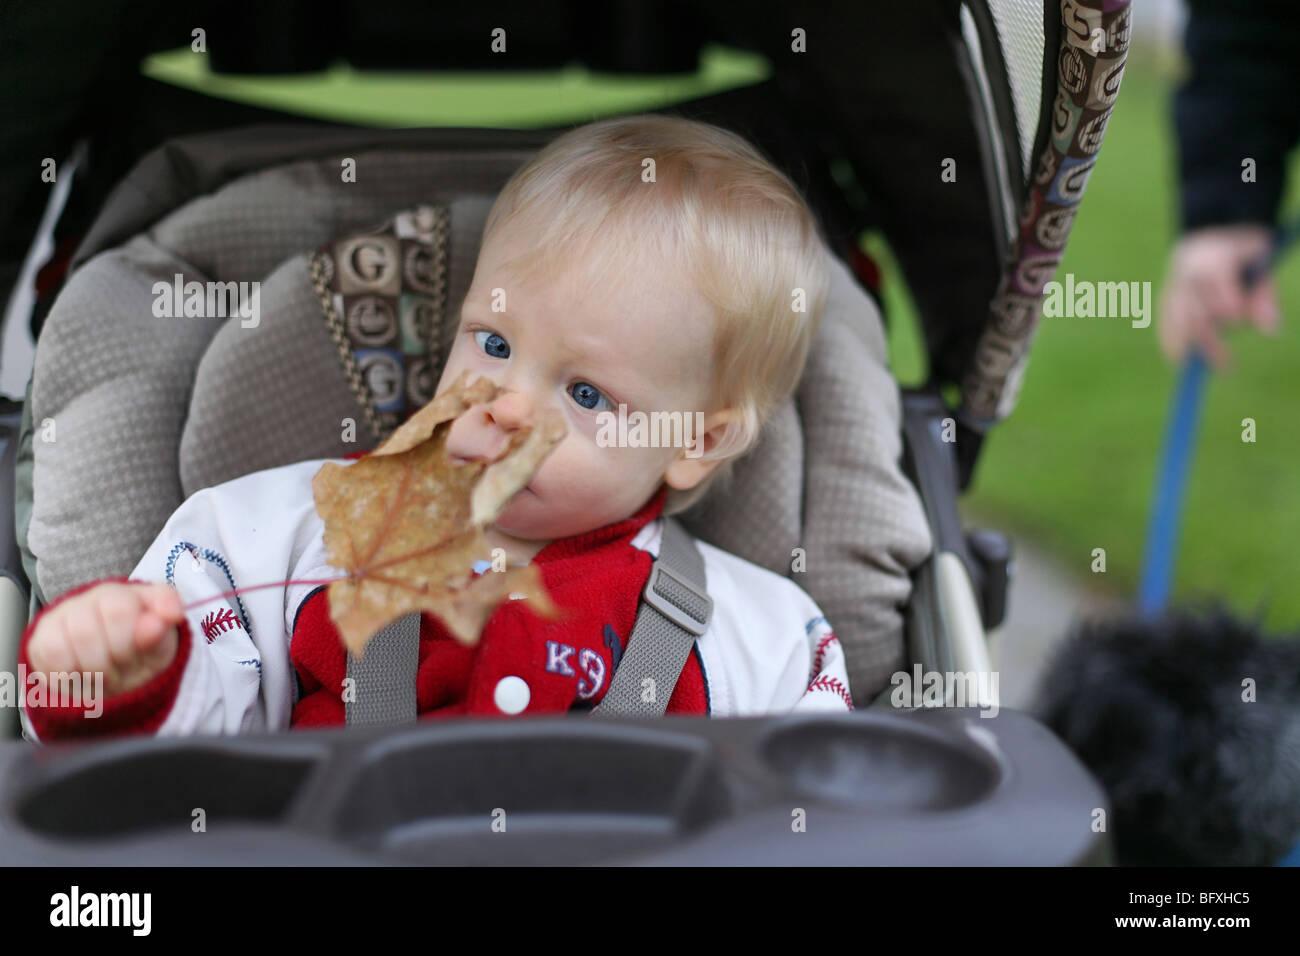 Baby boy, dodici mesi di età, attraversando i suoi occhi, guardando una foglia, in un passeggino. Immagini Stock